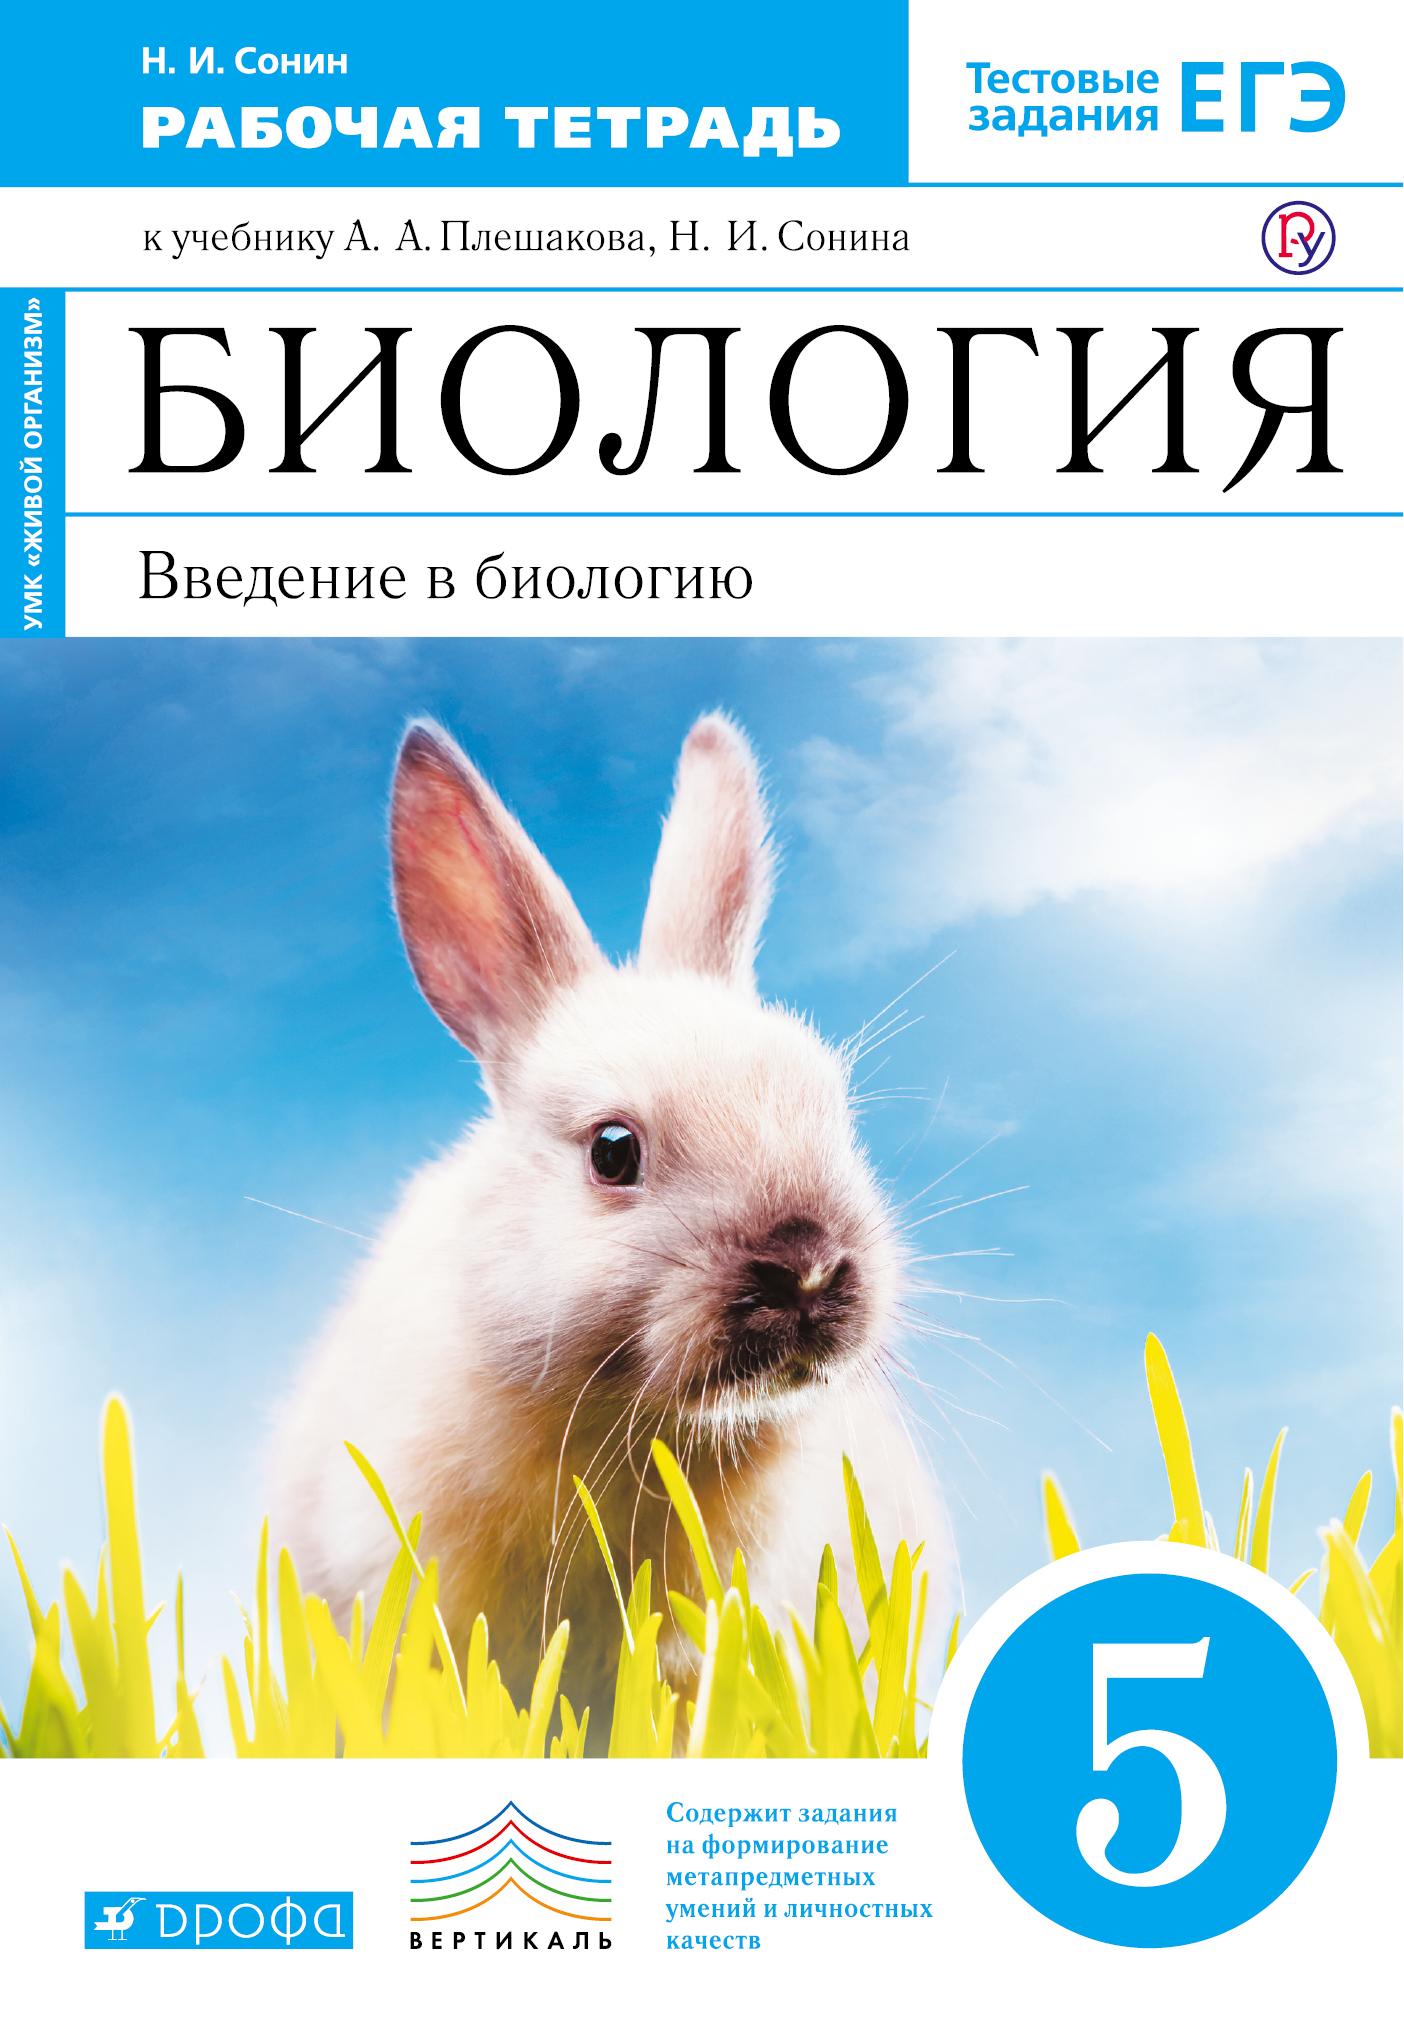 Биология. 5 класс. Введение в биологию. Рабочая тетрадь к учебнику А. А. Плешакова,Н. И. Сонина